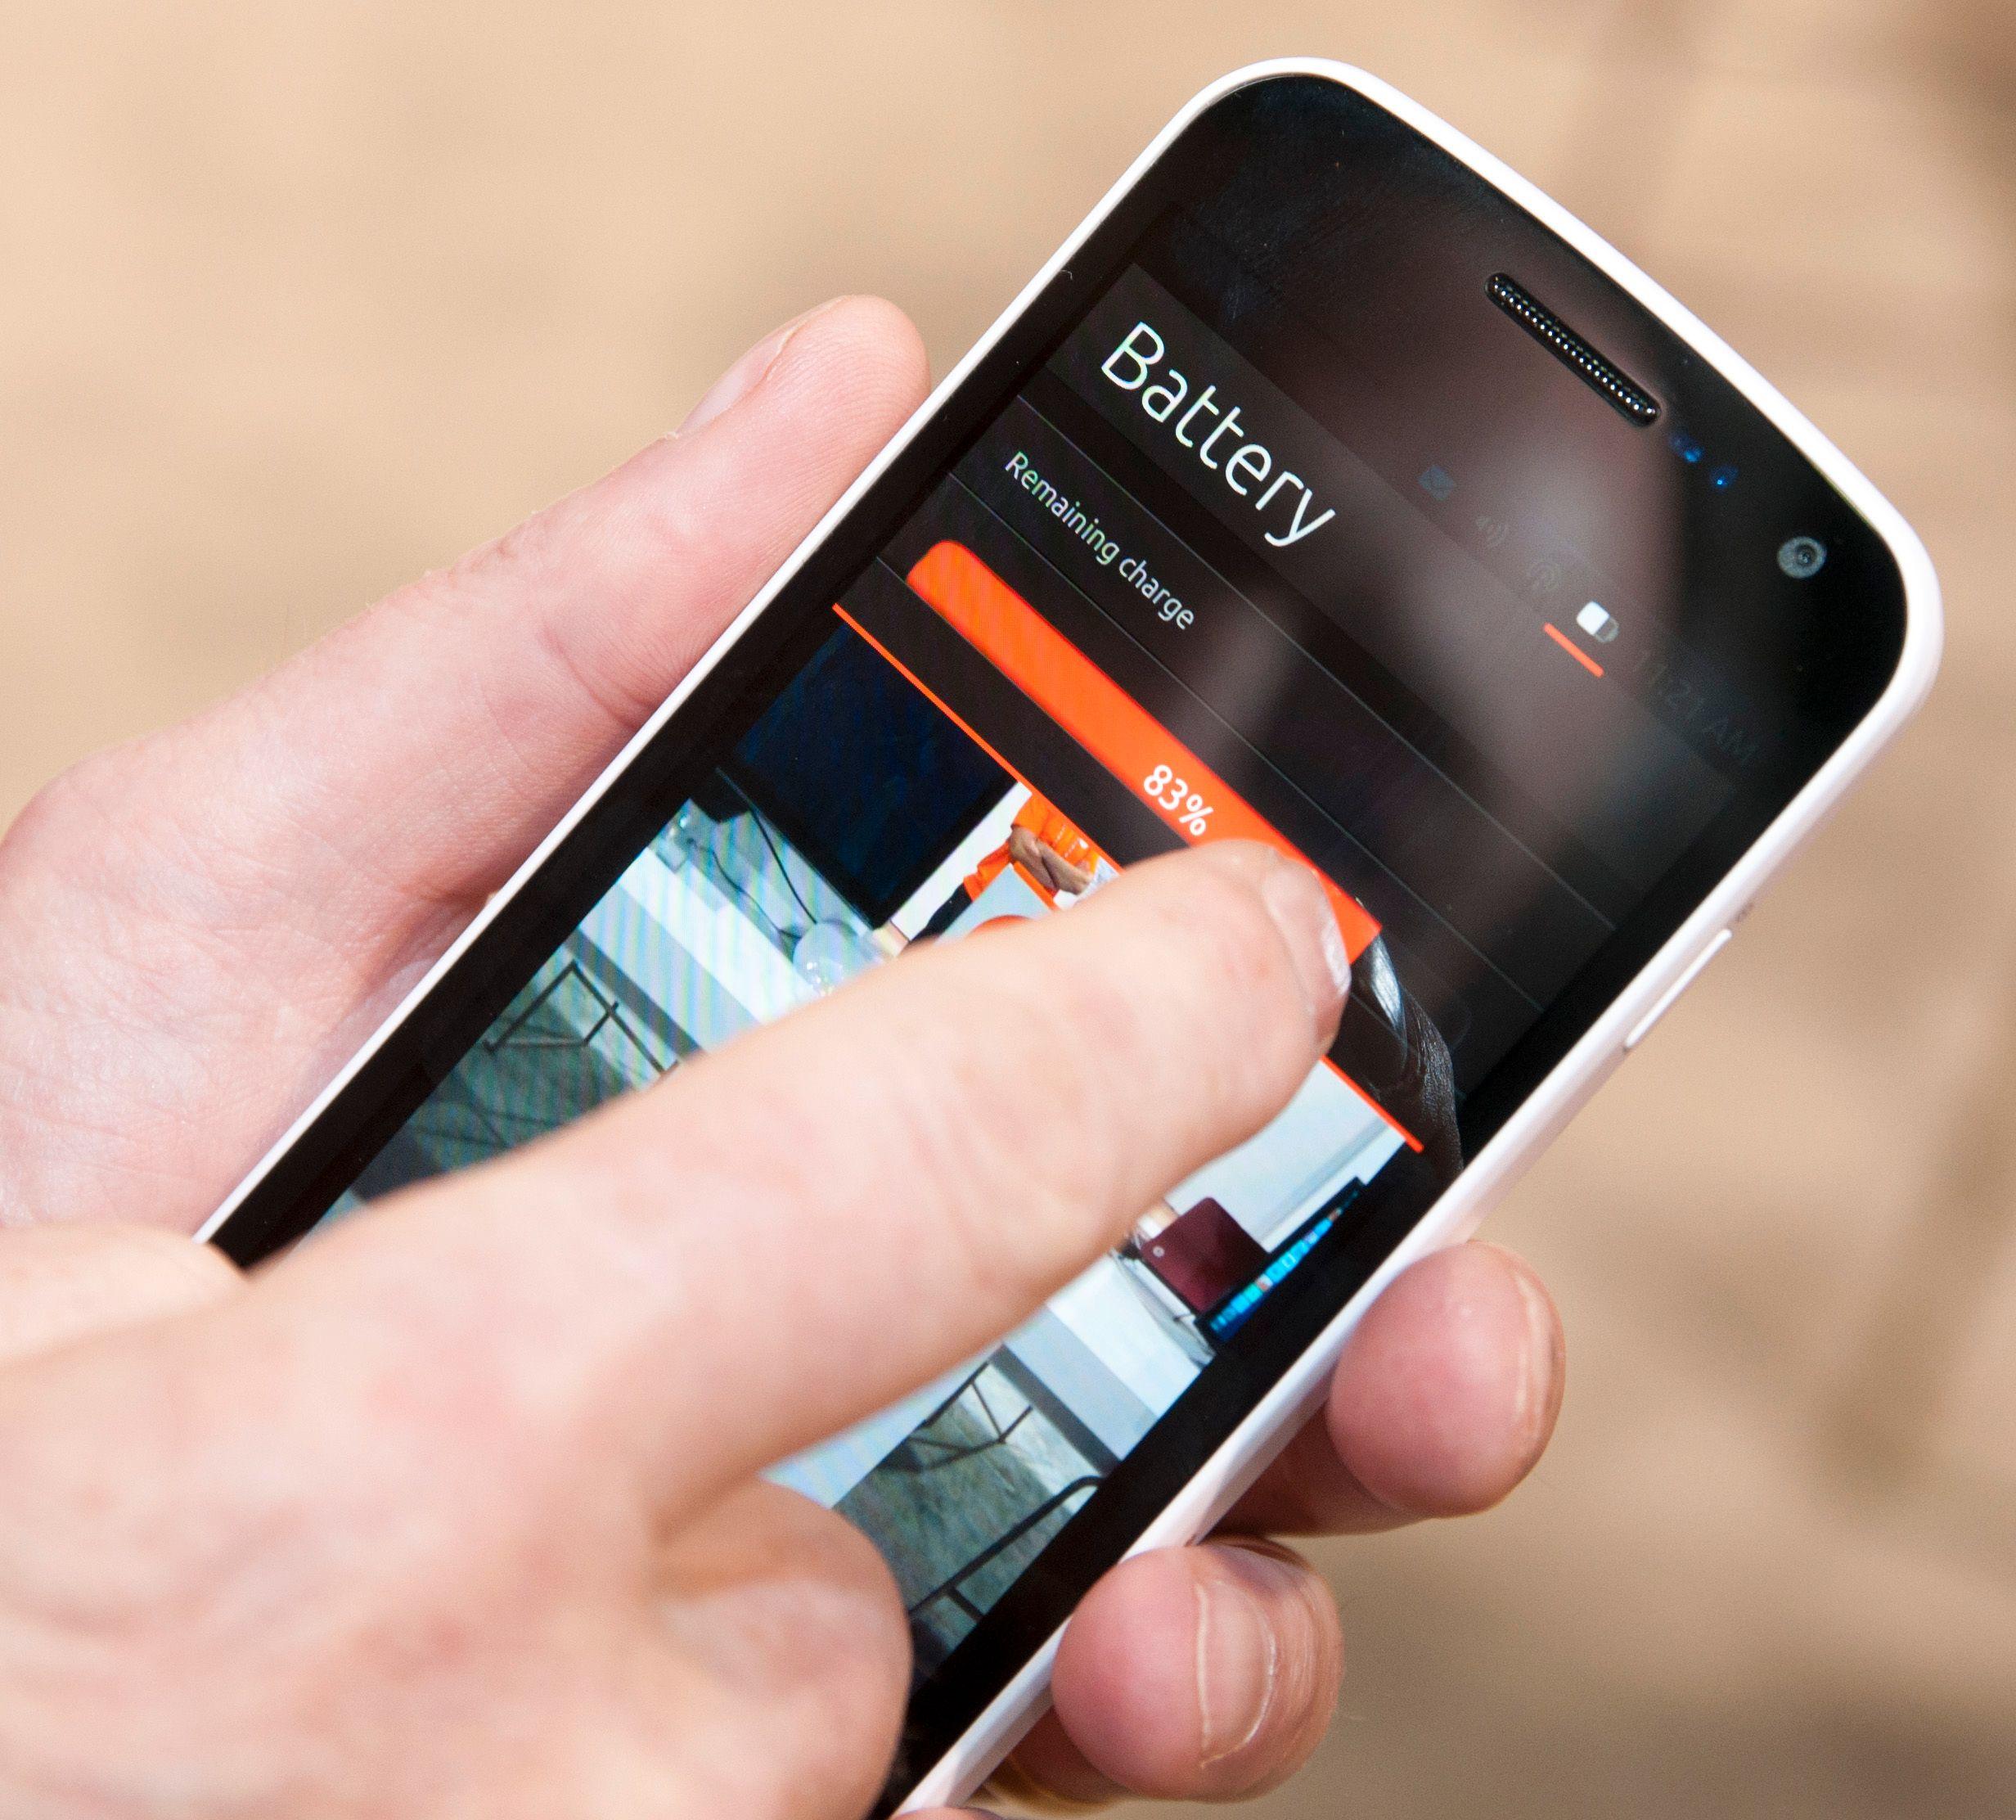 Nedtrekksmenyen i Ubuntu kan brukes til det samme som den tilsvarende menyen i Android, men den kan også brukes til mye mer ...Foto: Finn Jarle Kvalheim, Amobil.no